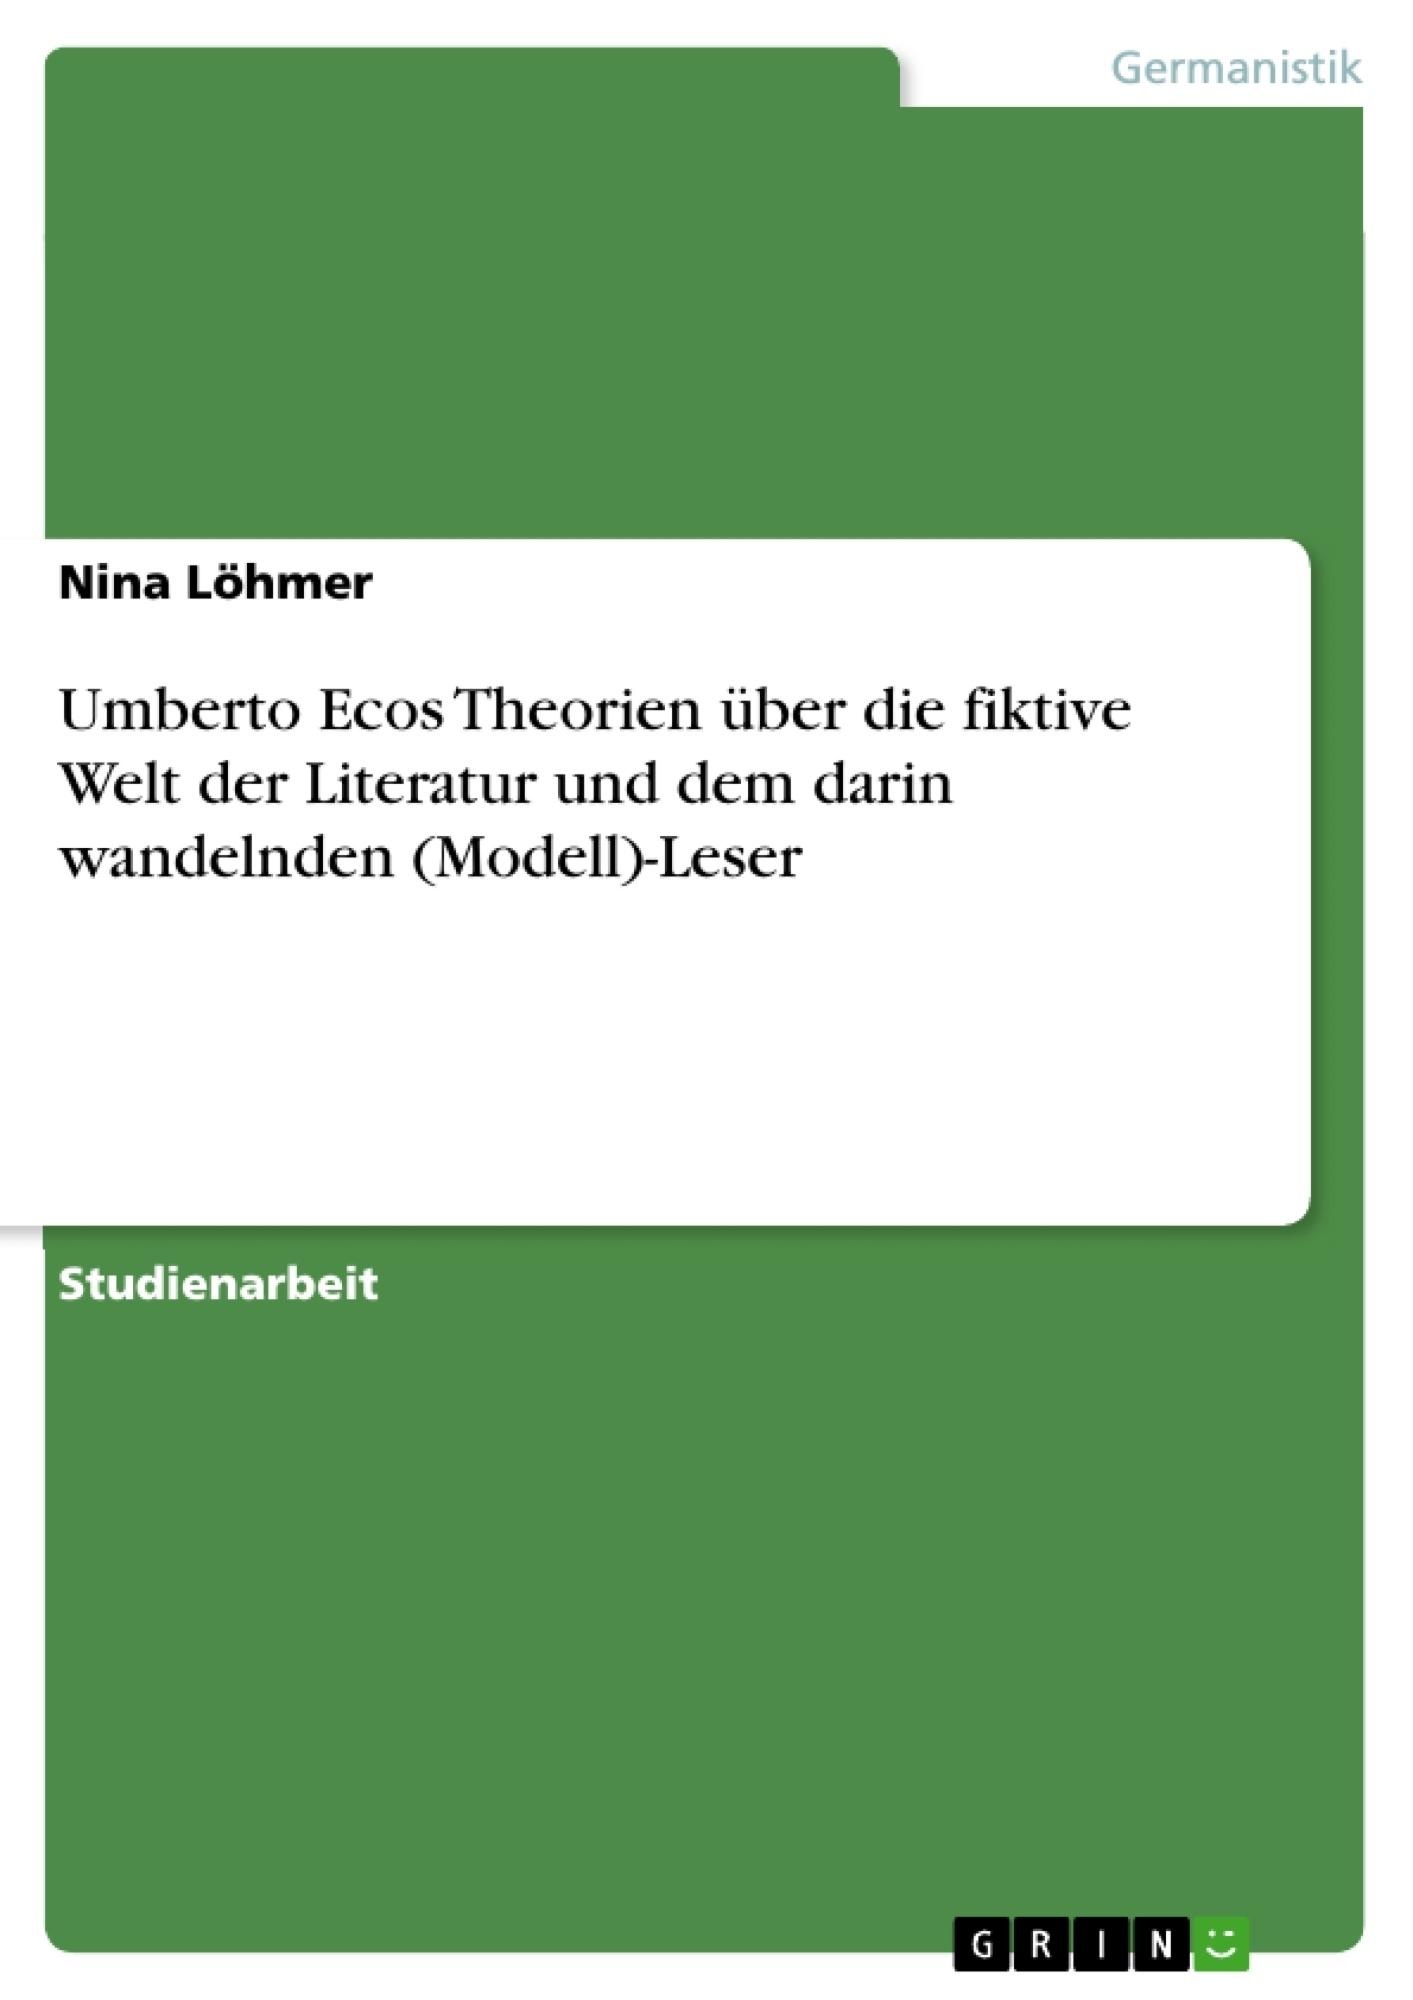 Titel: Umberto Ecos Theorien über die fiktive Welt der Literatur und dem darin wandelnden (Modell)-Leser